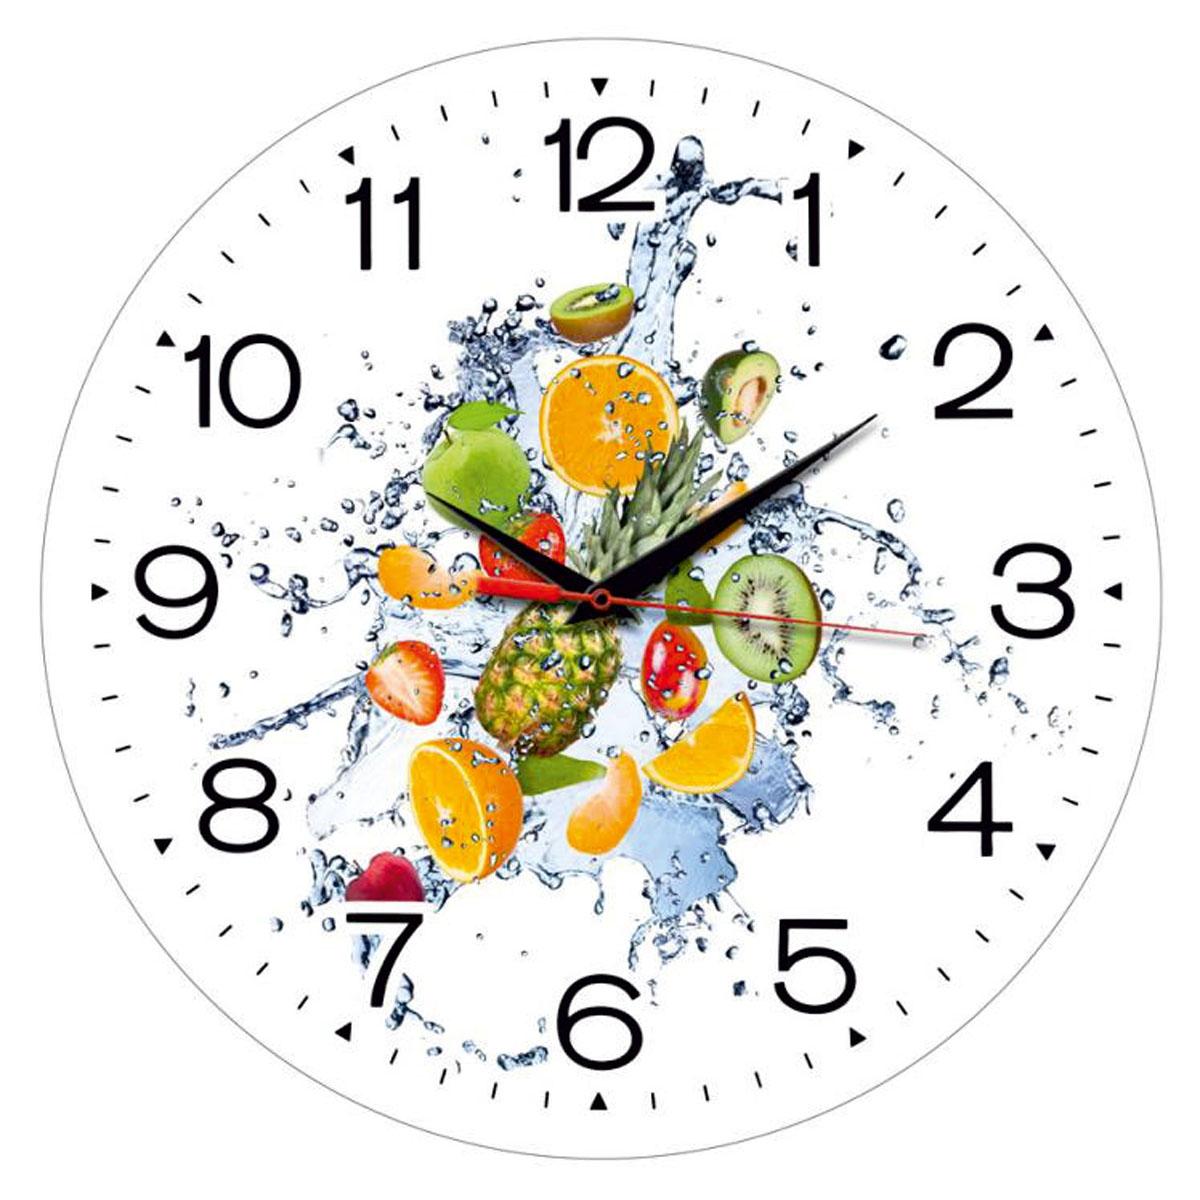 Часы настенные Miolla ФруктыСК011 2433Оригинальные настенные часы круглой формы выполнены из закаленного стекла. Часы имеют три стрелки - часовую, минутную и секундную и циферблат с цифрами. Необычное дизайнерское решение и качество исполнения придутся по вкусу каждому.Диаметр часов: 28 см.Часы работают от 1 батарейки типа АА напряжением 1,5 В.